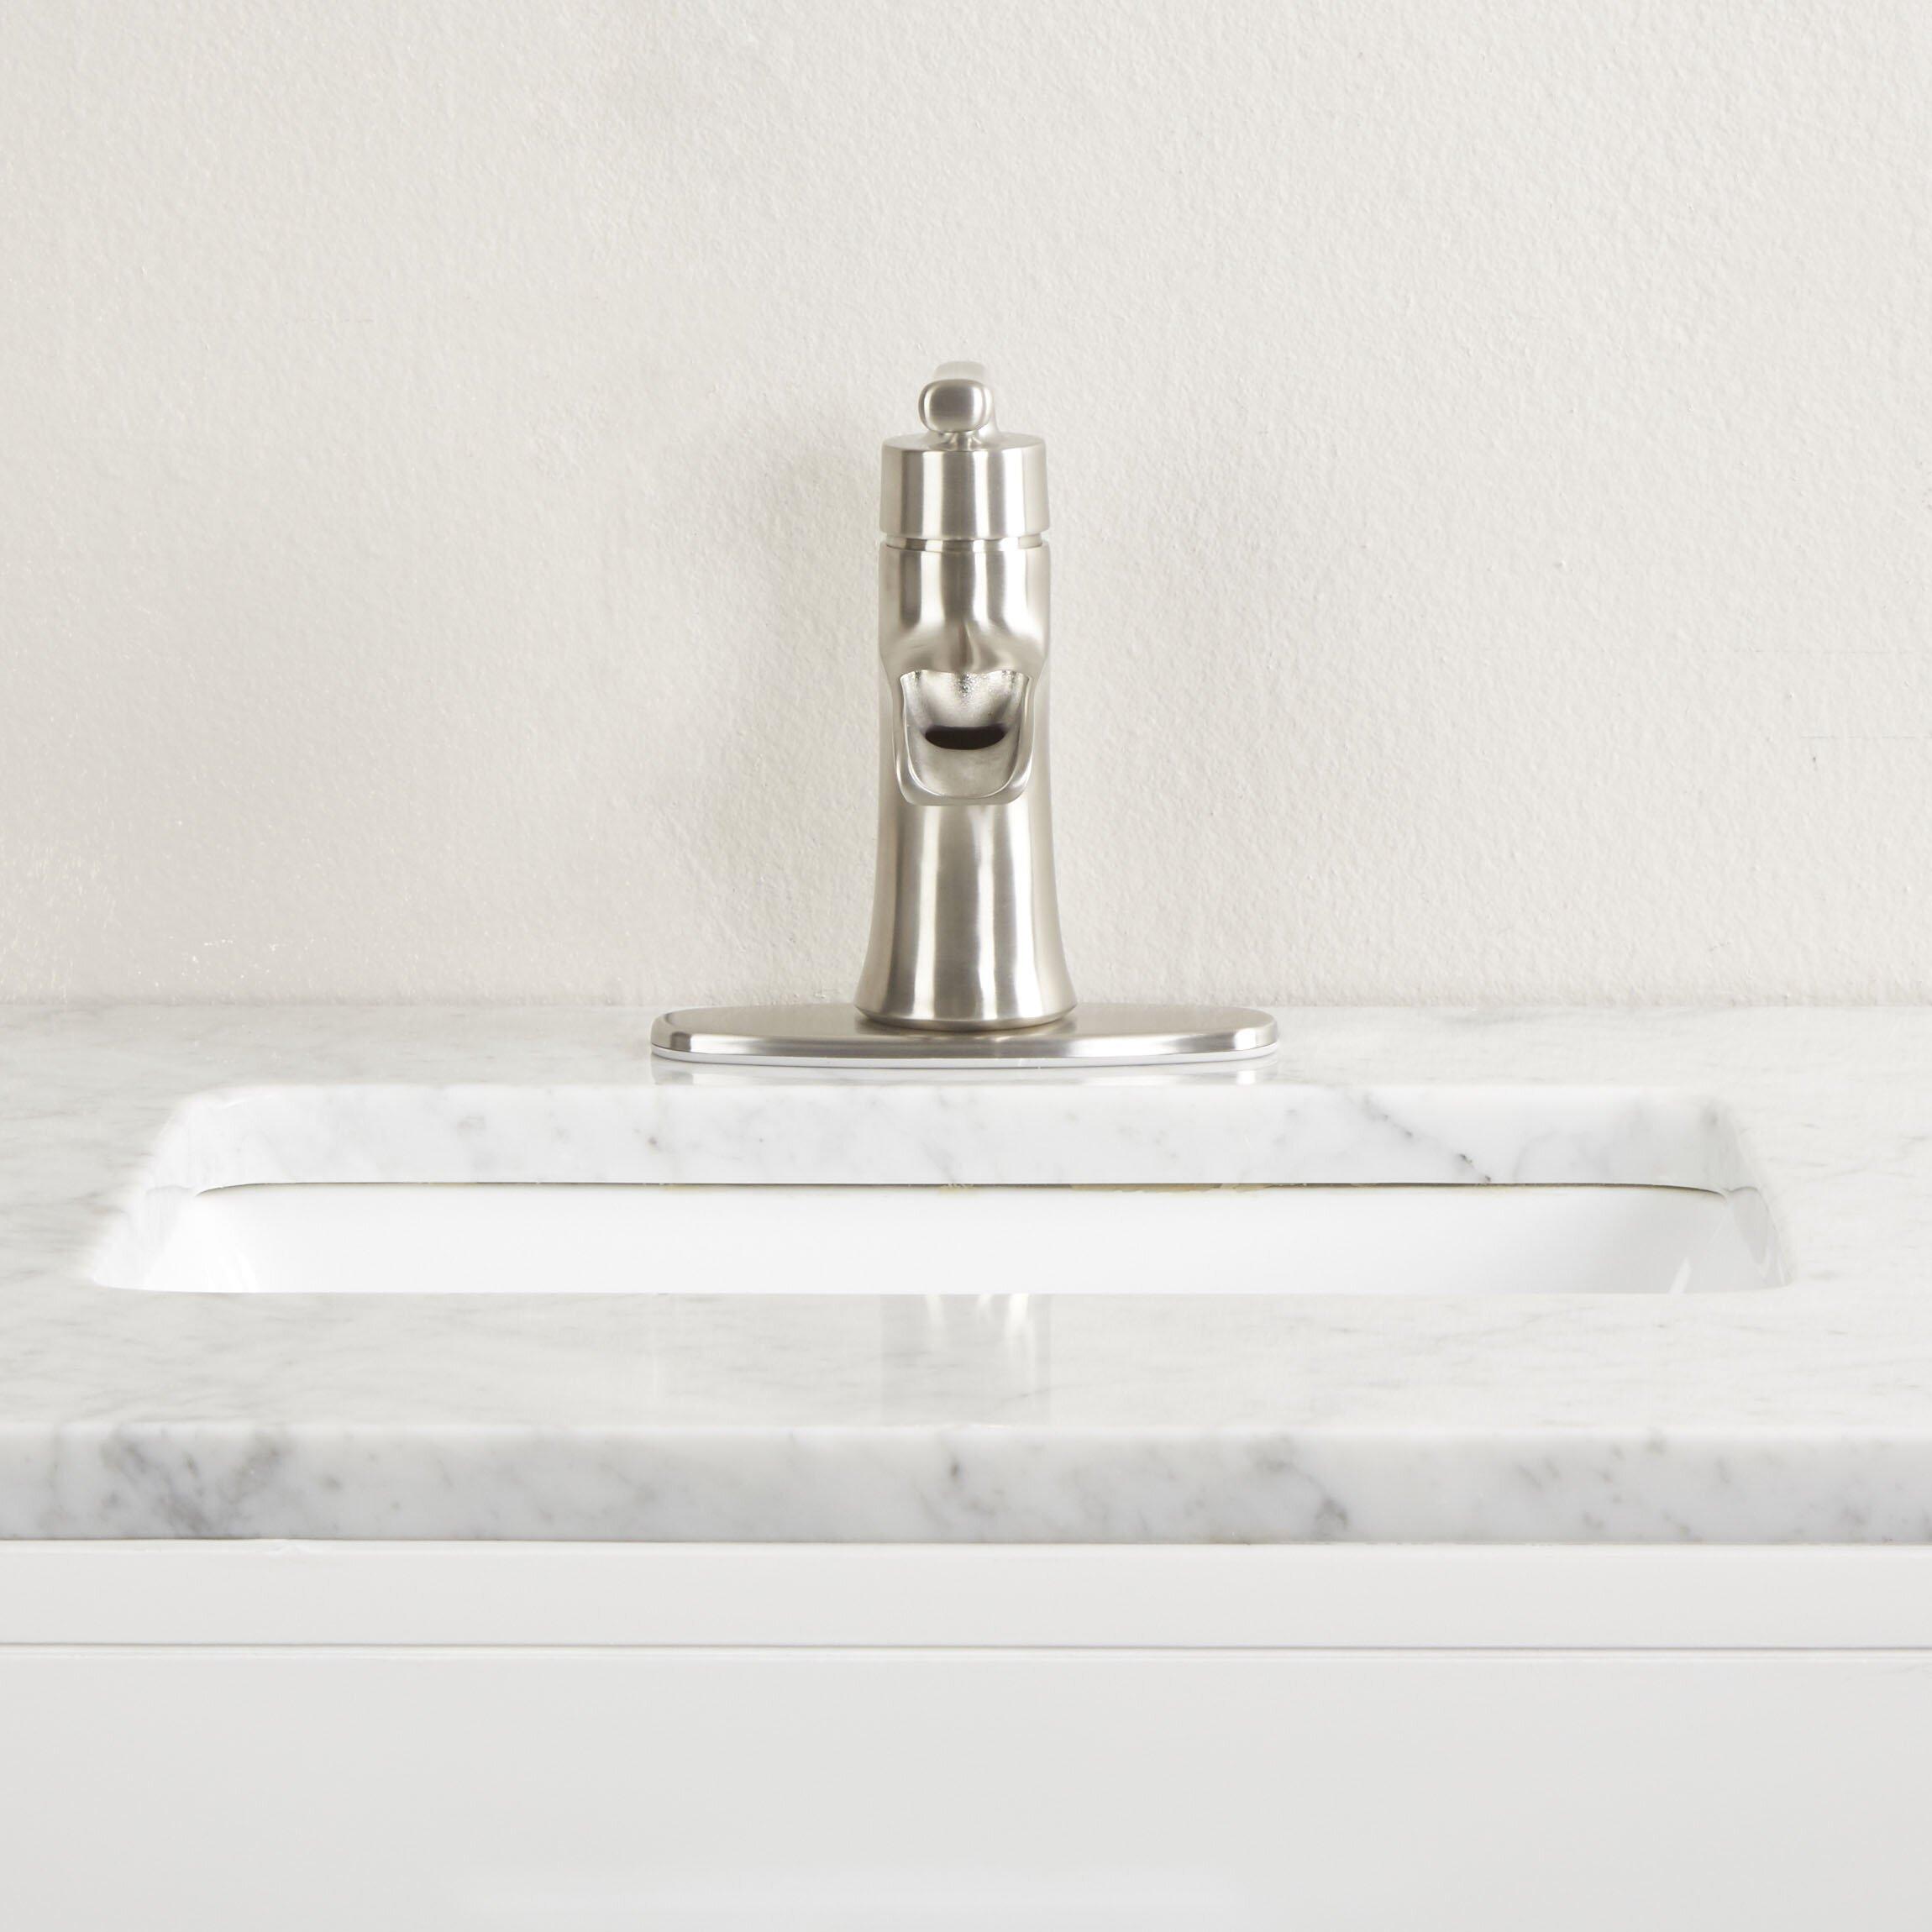 Premier Faucet Sanibel Single Handle Lavatory Faucet